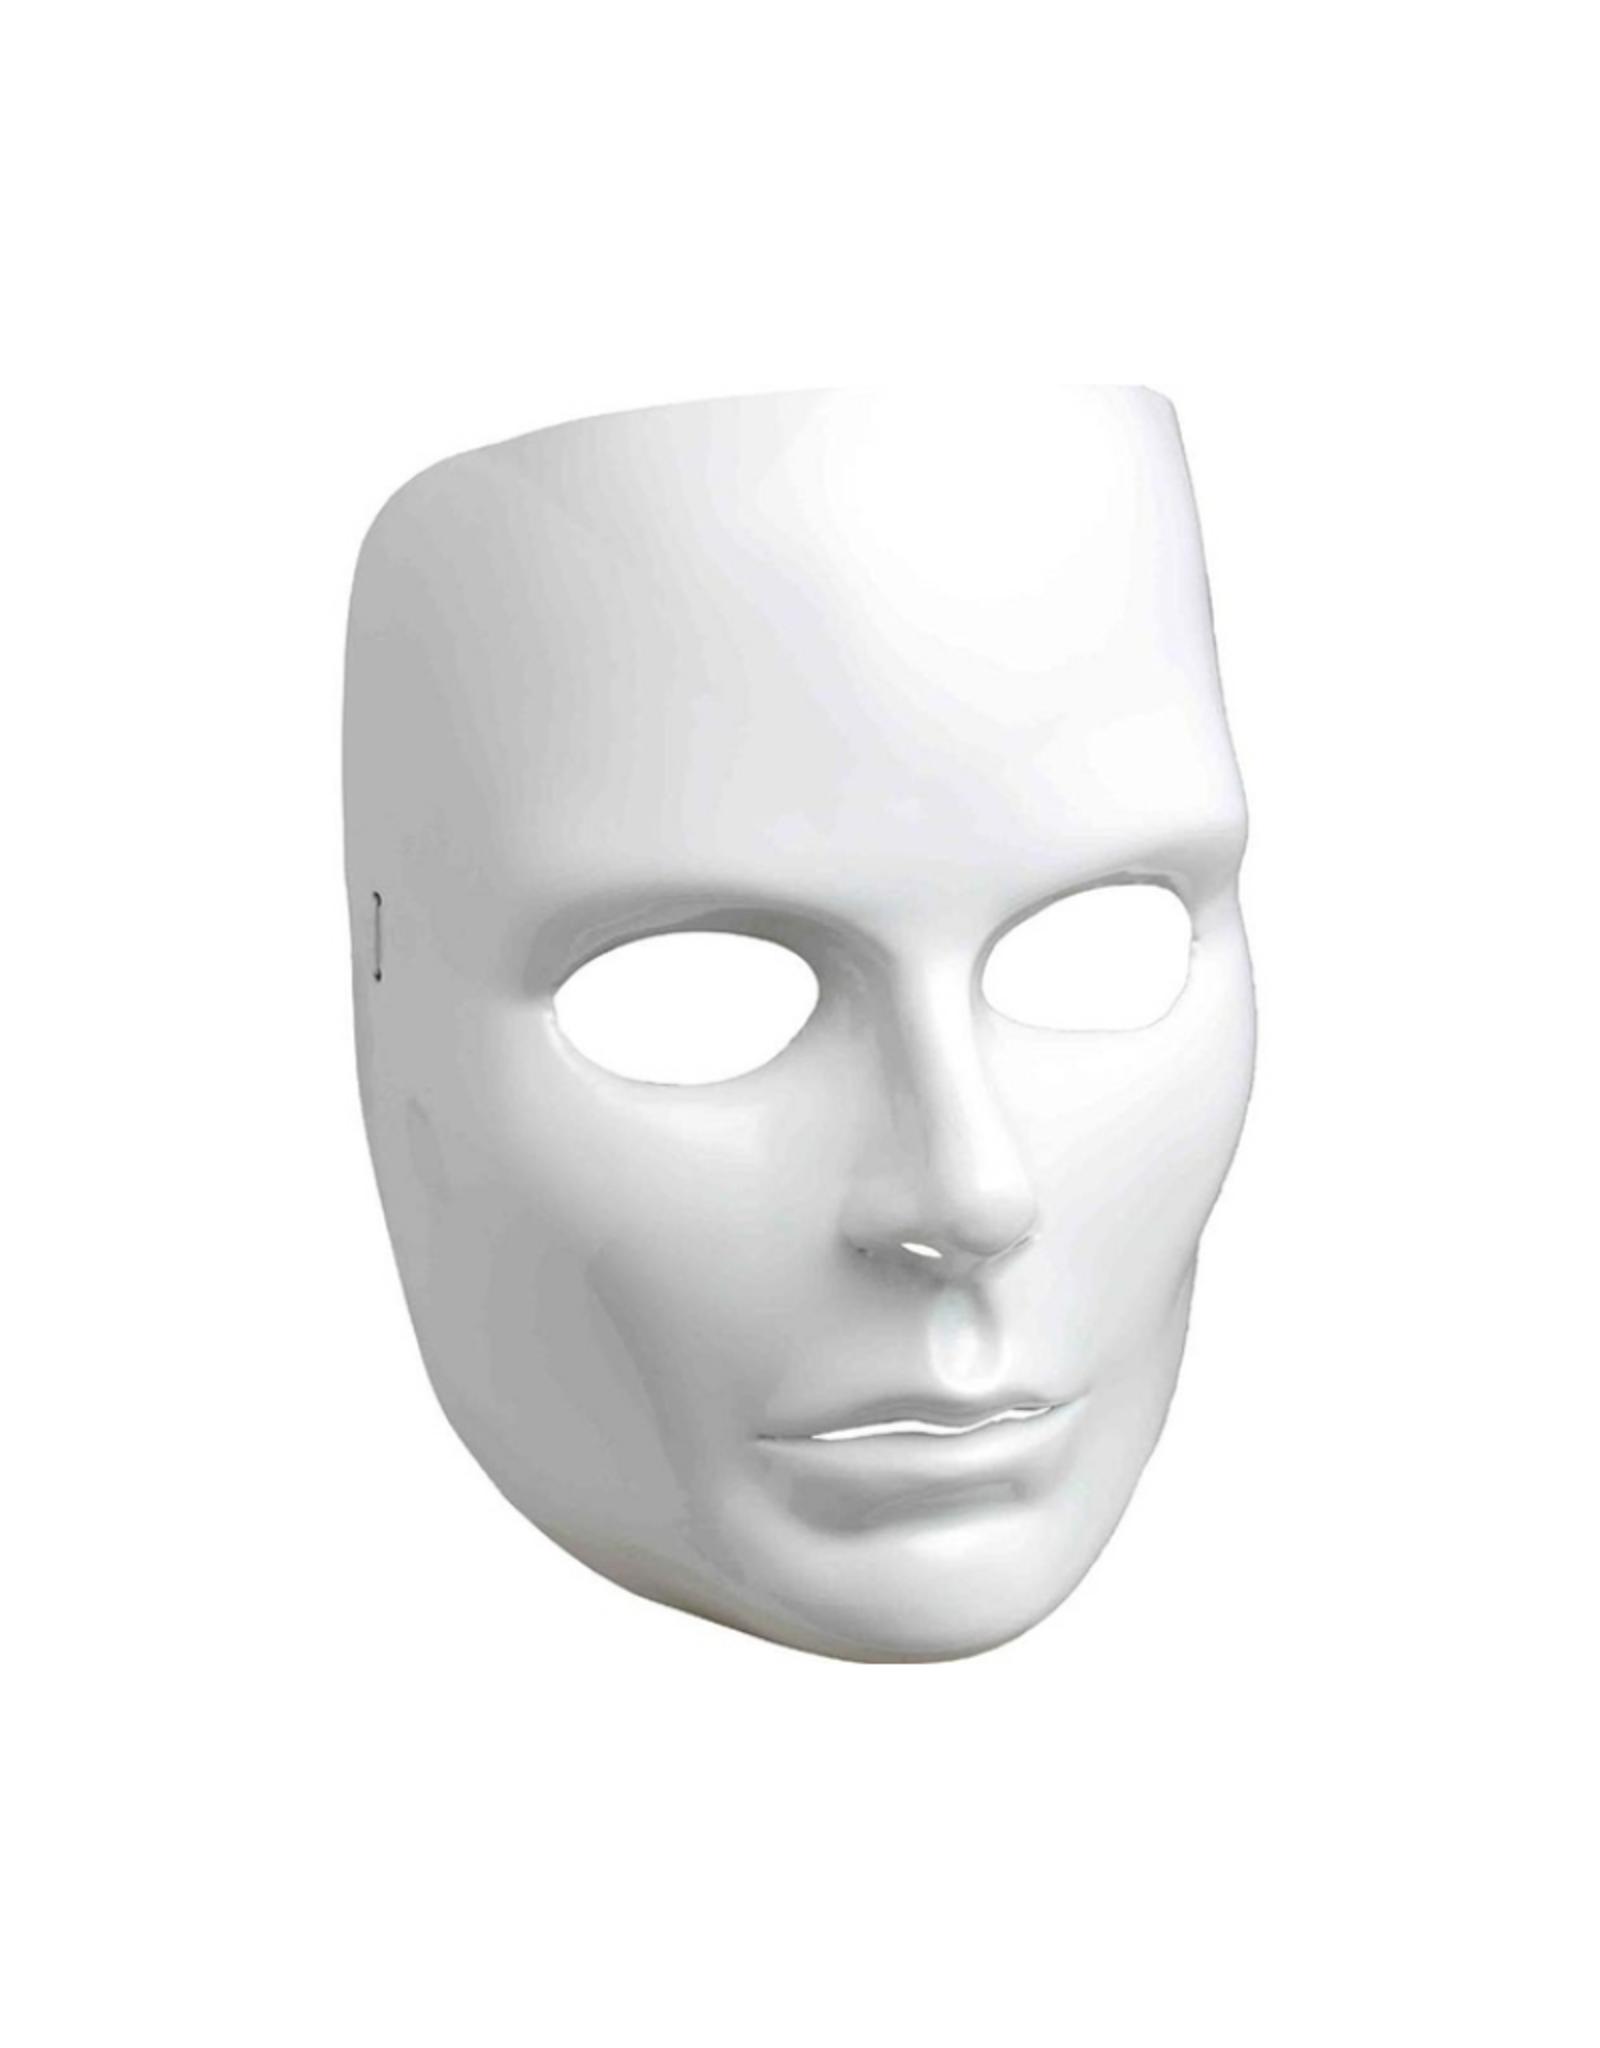 MASK-WHITE FULL FACE, FEMALE